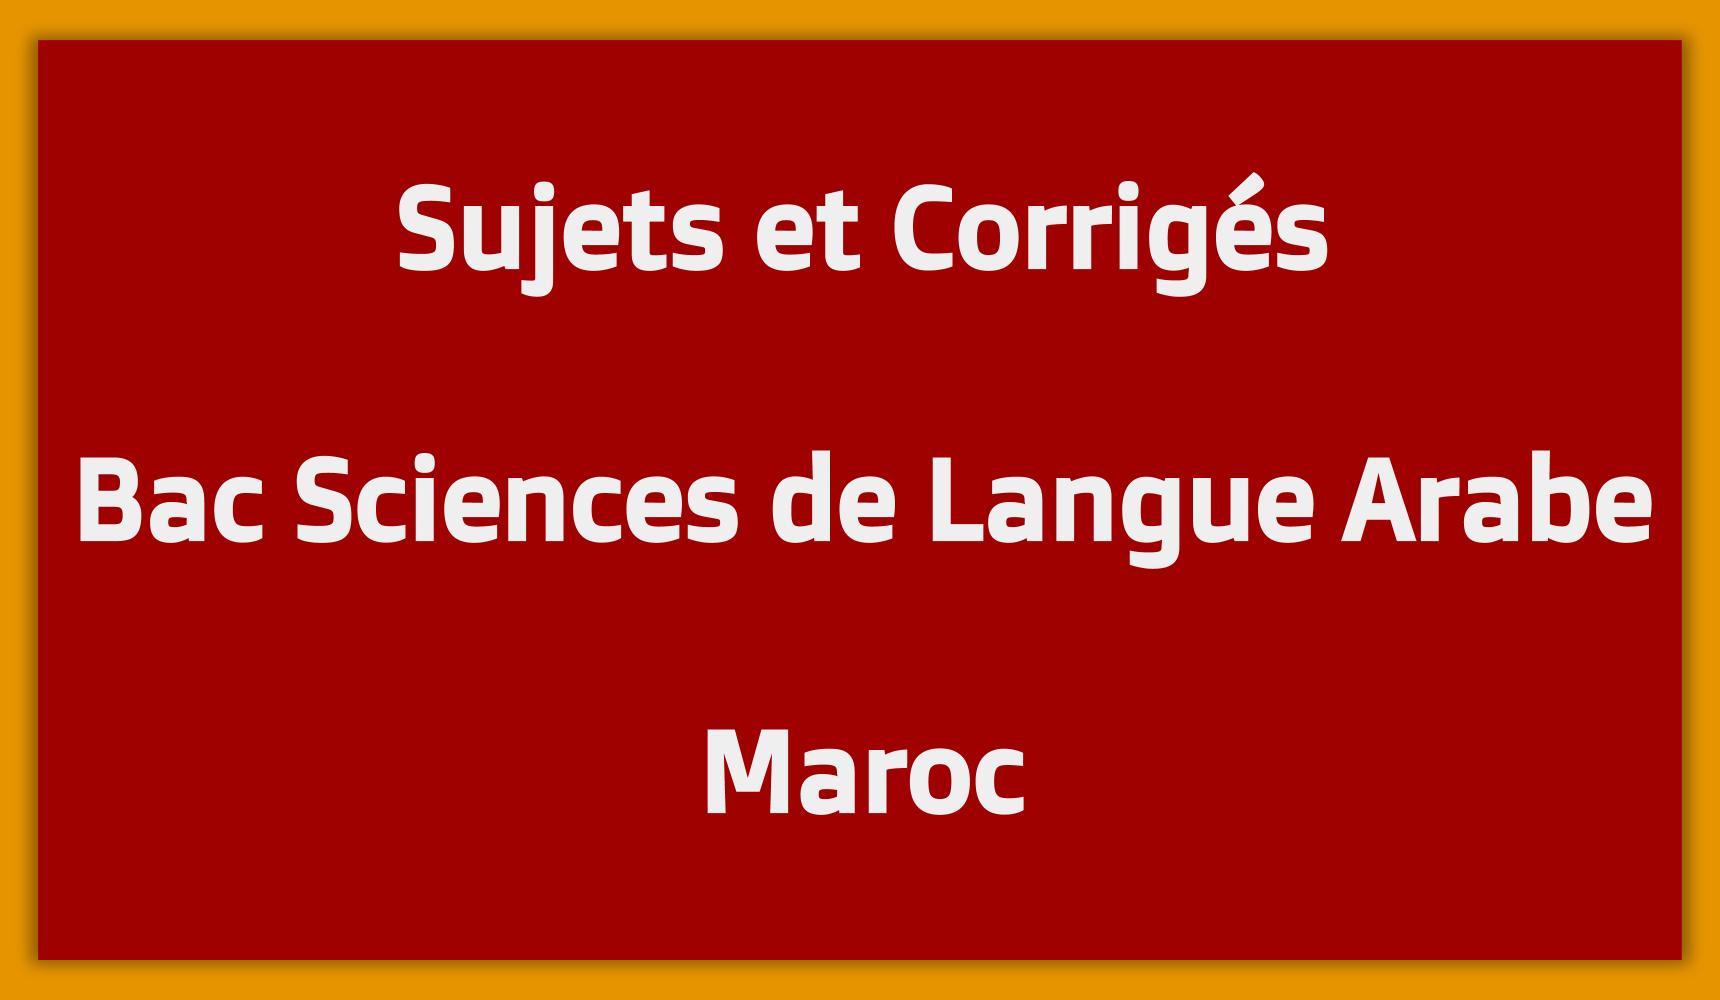 Sujets Corrigés Bac Sciences de Langue Arabe Maroc